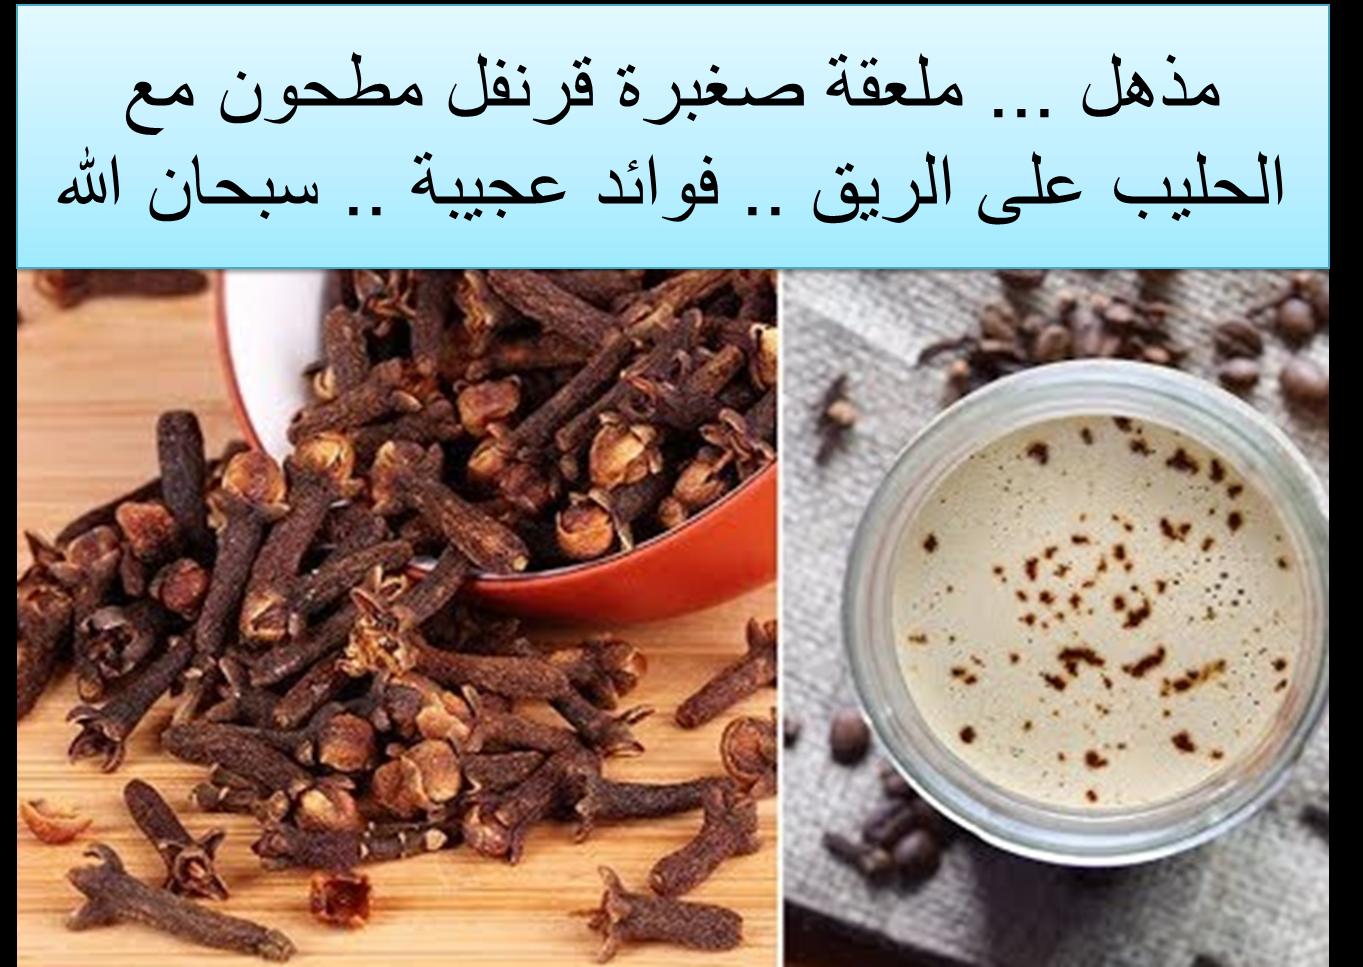 عجائب صنع ملعقة صغيرة من القرنفل مع الحليب صباحا على الريق يوميا صدق او لا تصدق البيت العربي Food Breakfast Beef